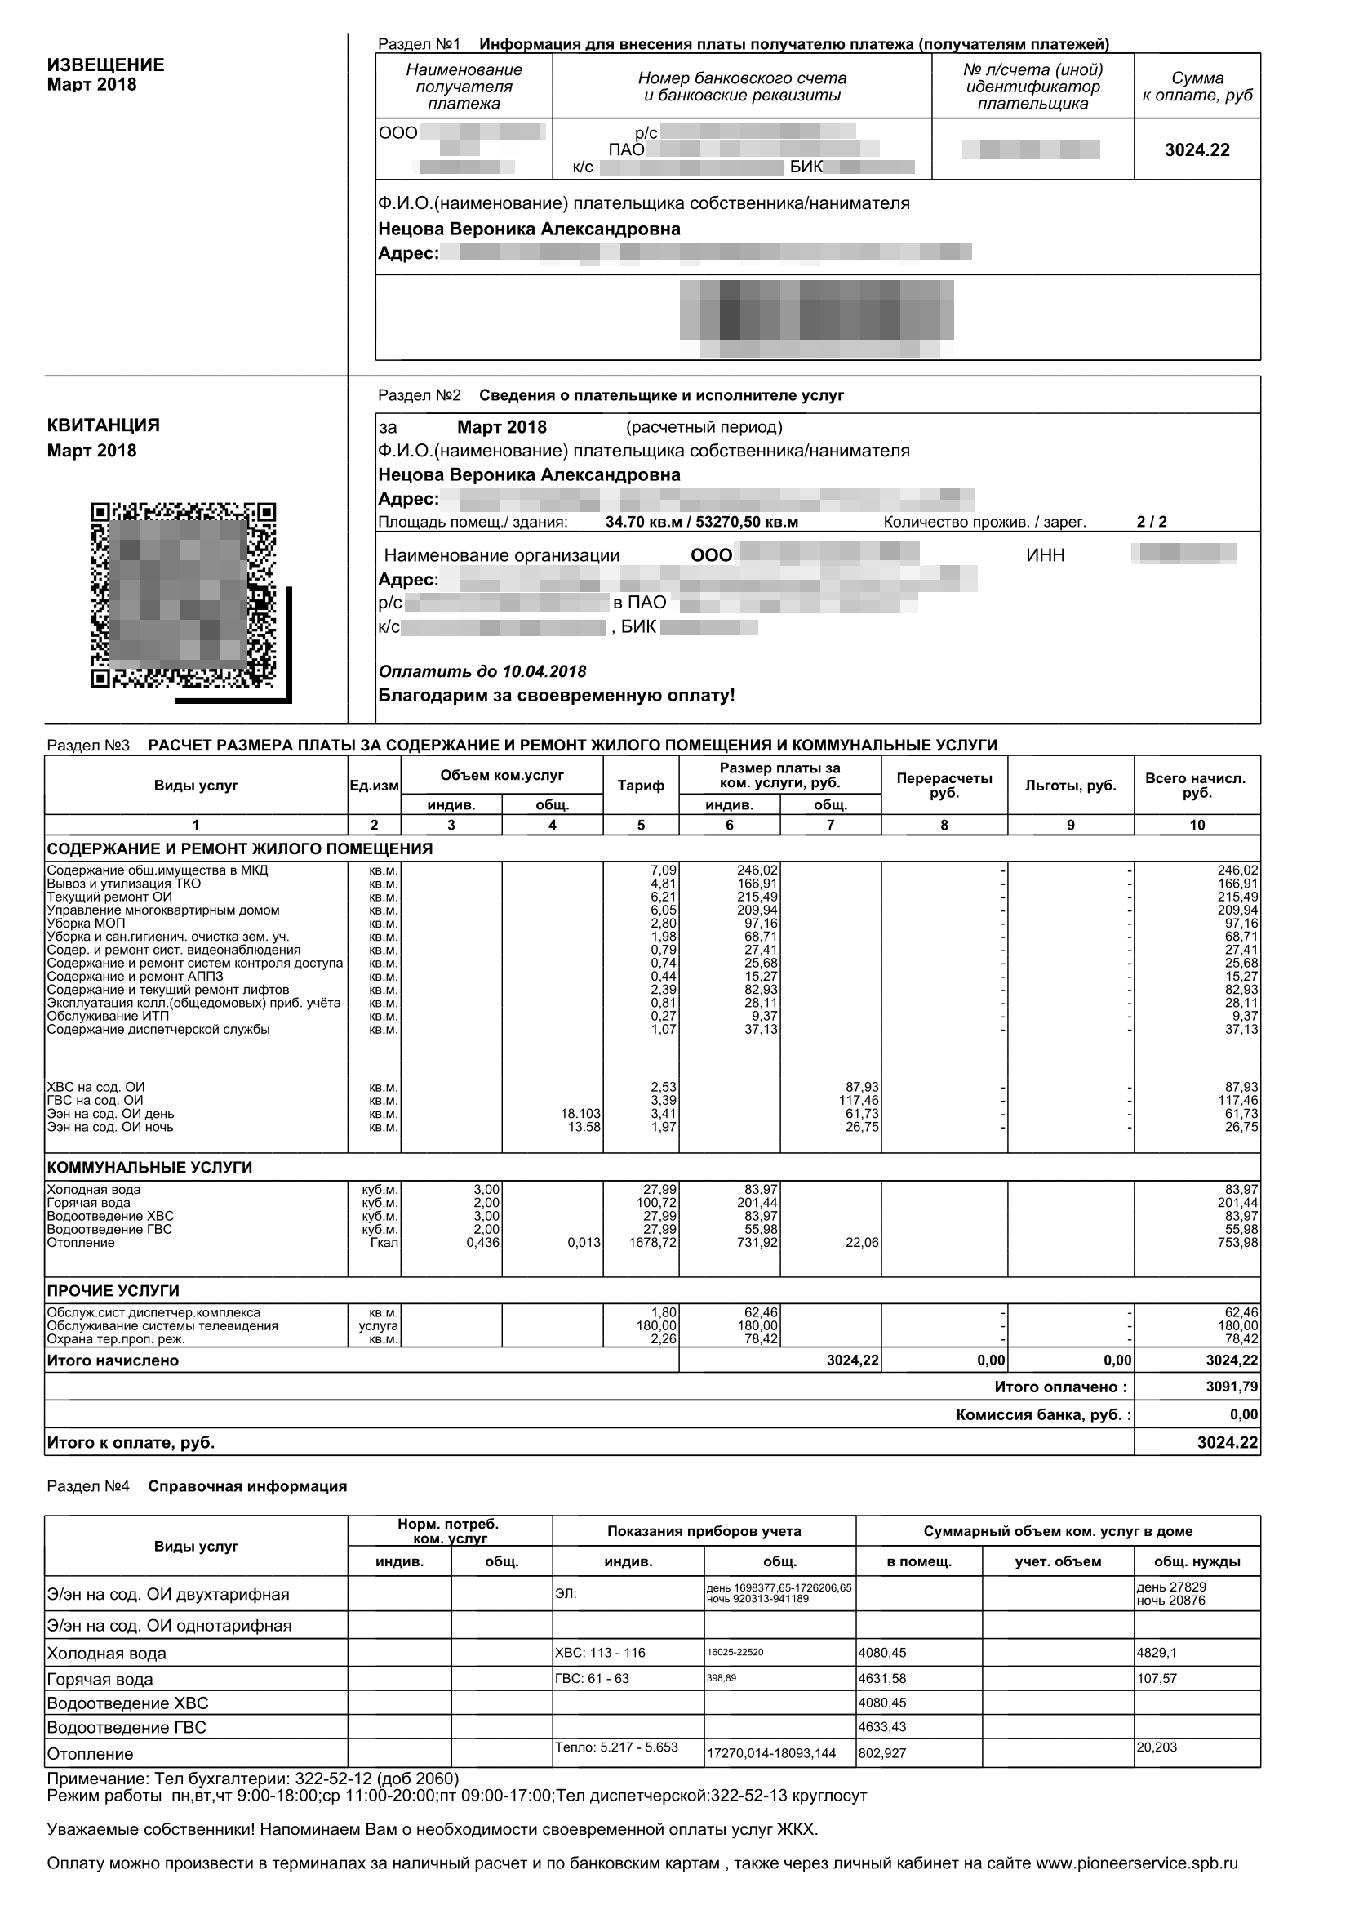 Счета на оплату ЖКУ за обслуживание дома, капремонт, электроэнергию, которые я прикладывала к заявлению на субсидию